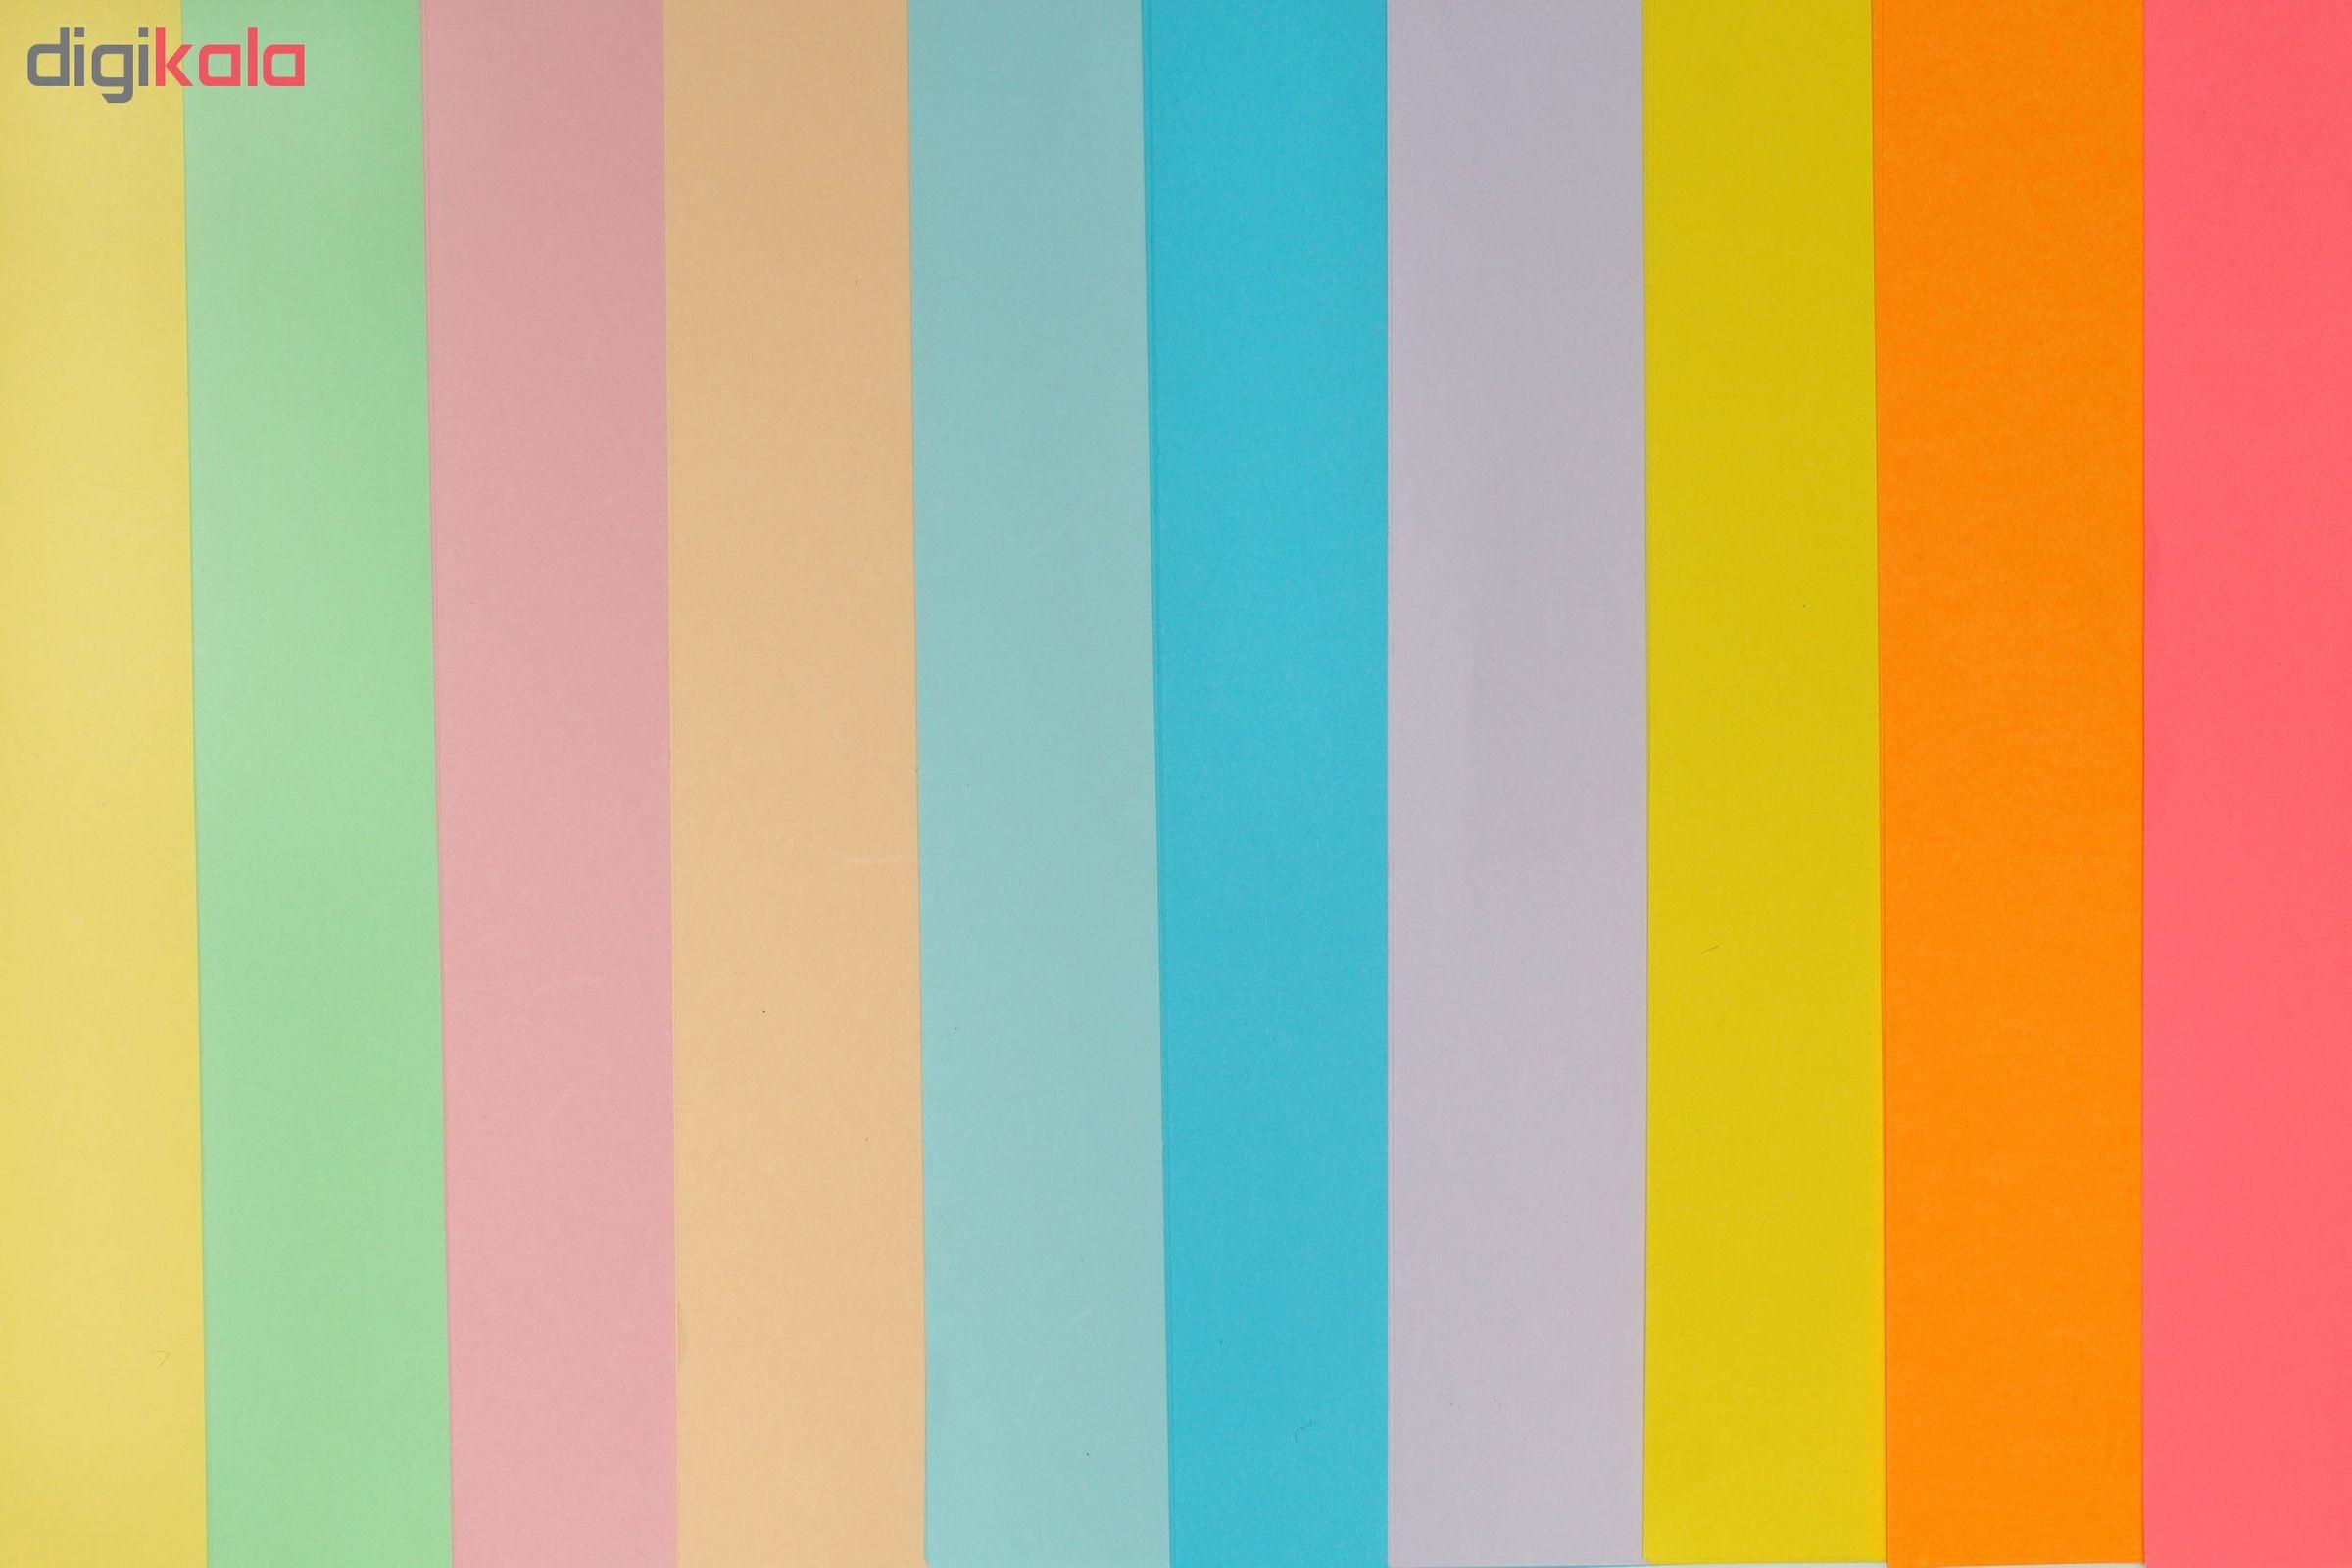 کاغذ رنگی A4 مدل Rangin kaman بسته 50 عددی main 1 2